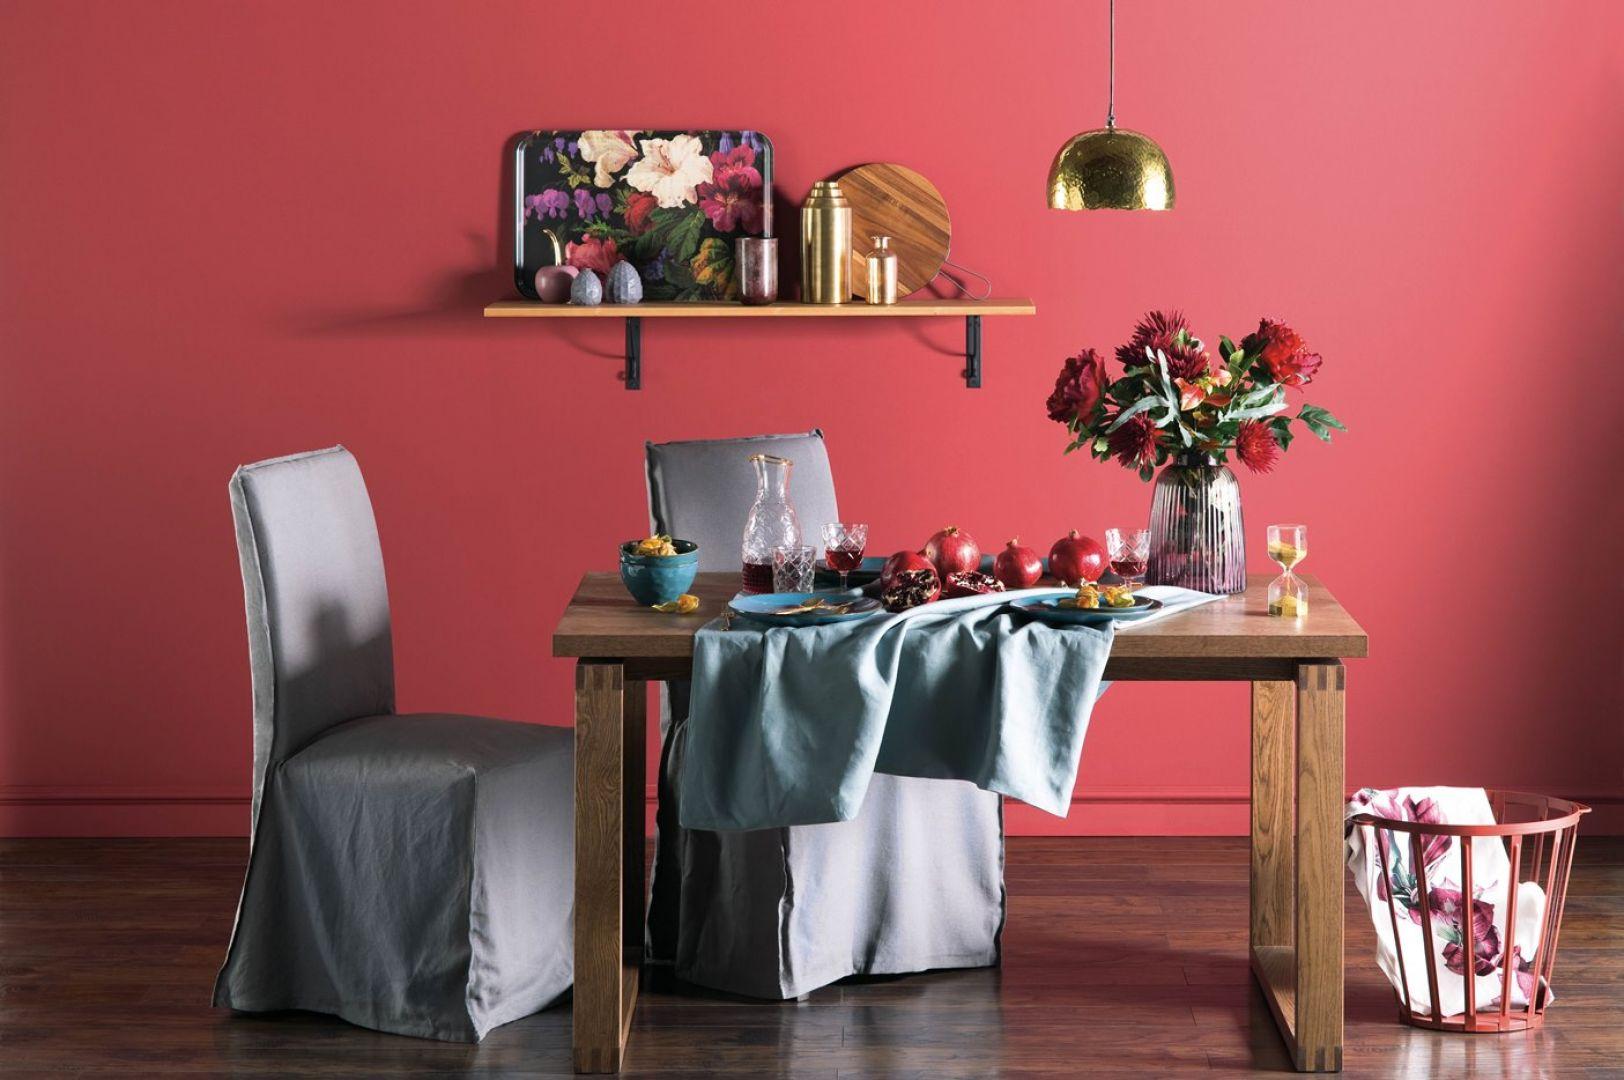 Ciepłe i zimne kolory – do jakich wnętrz pasują najbardziej? Beckers the Art of Being, kolor Tango. Fot. Beckers